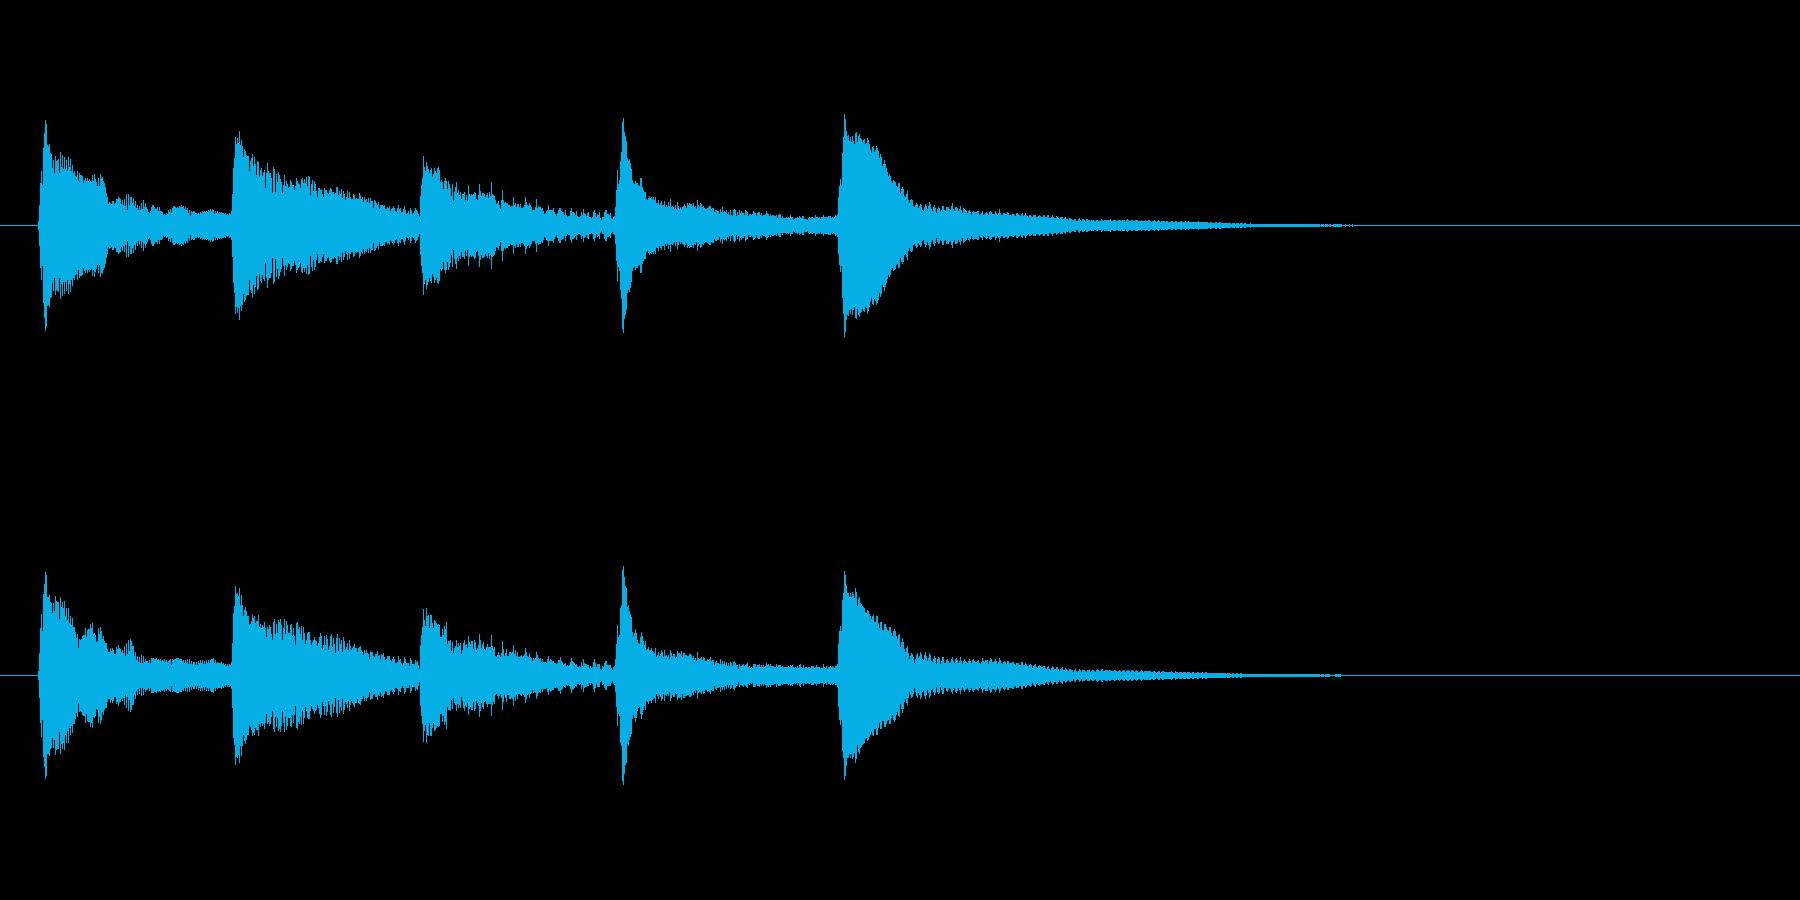 ゆらぎのある和風(琴)の起動音の再生済みの波形